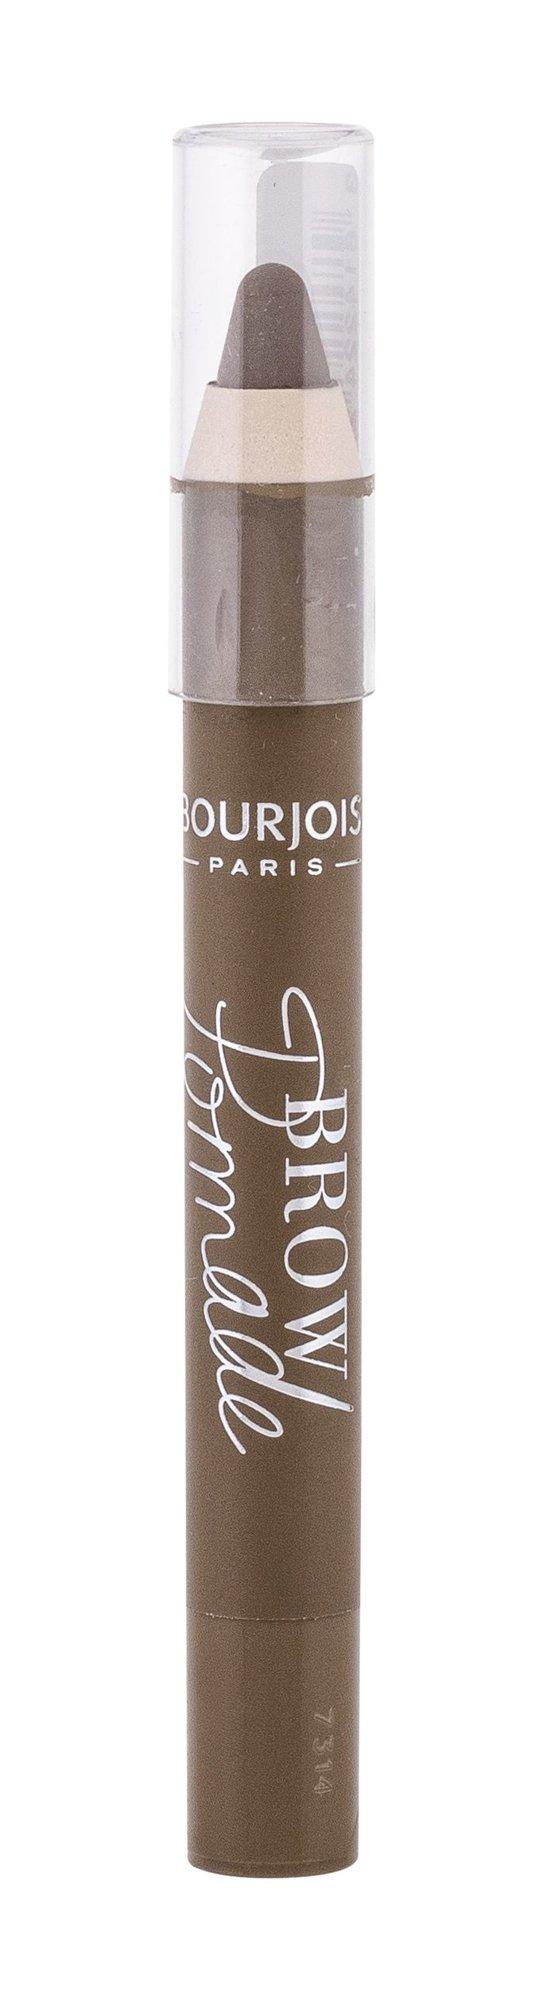 BOURJOIS Paris Brow Pomade Eyebrow Pencil 3,25ml 001 Blond